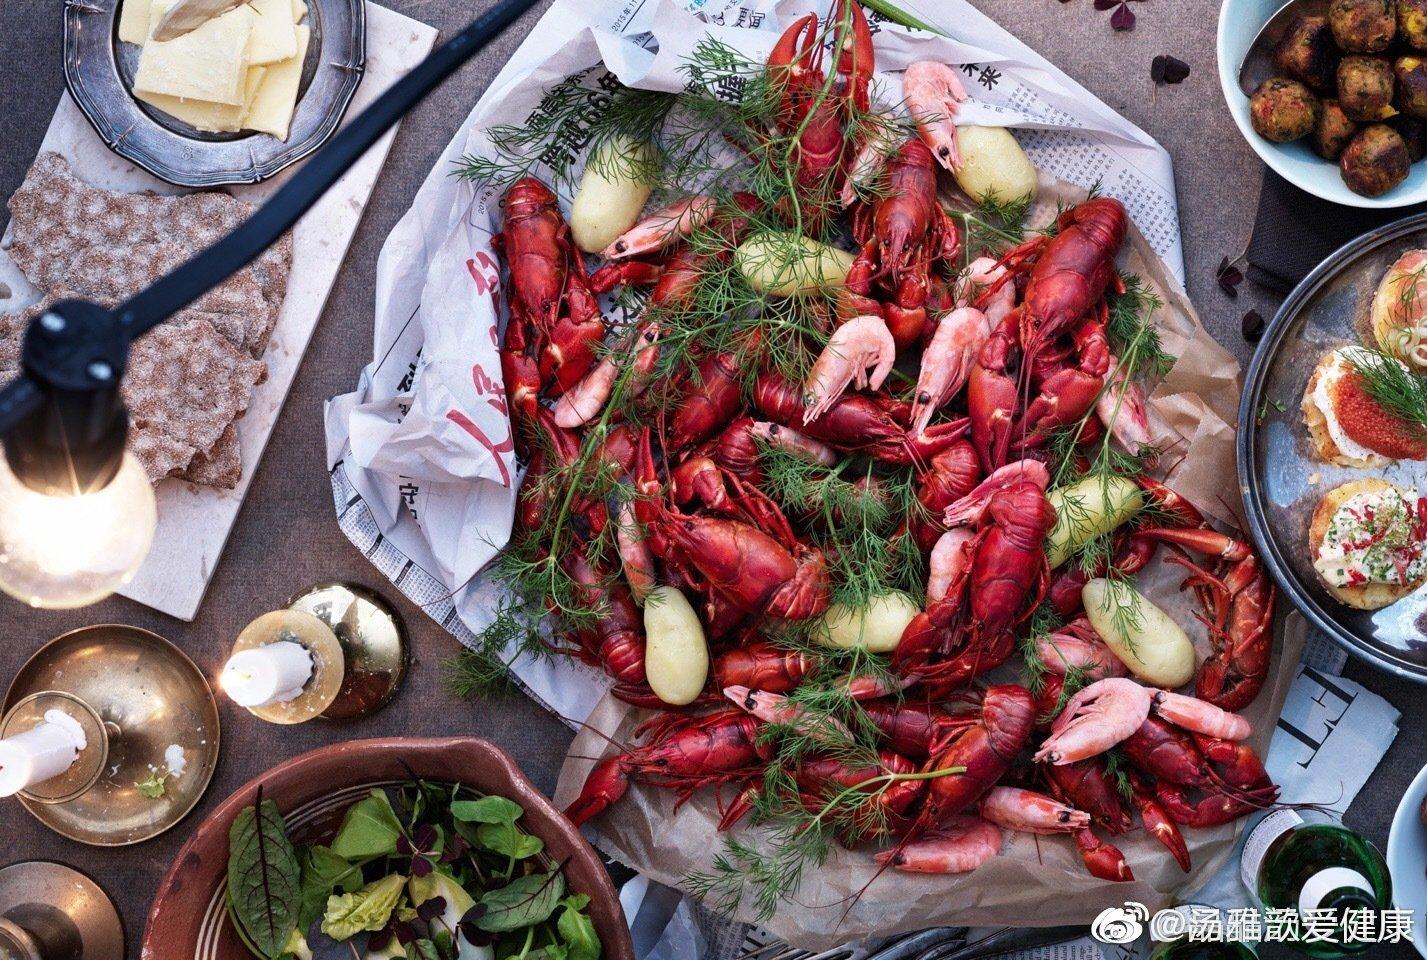 瑞典人每年夏天都有小龙虾party